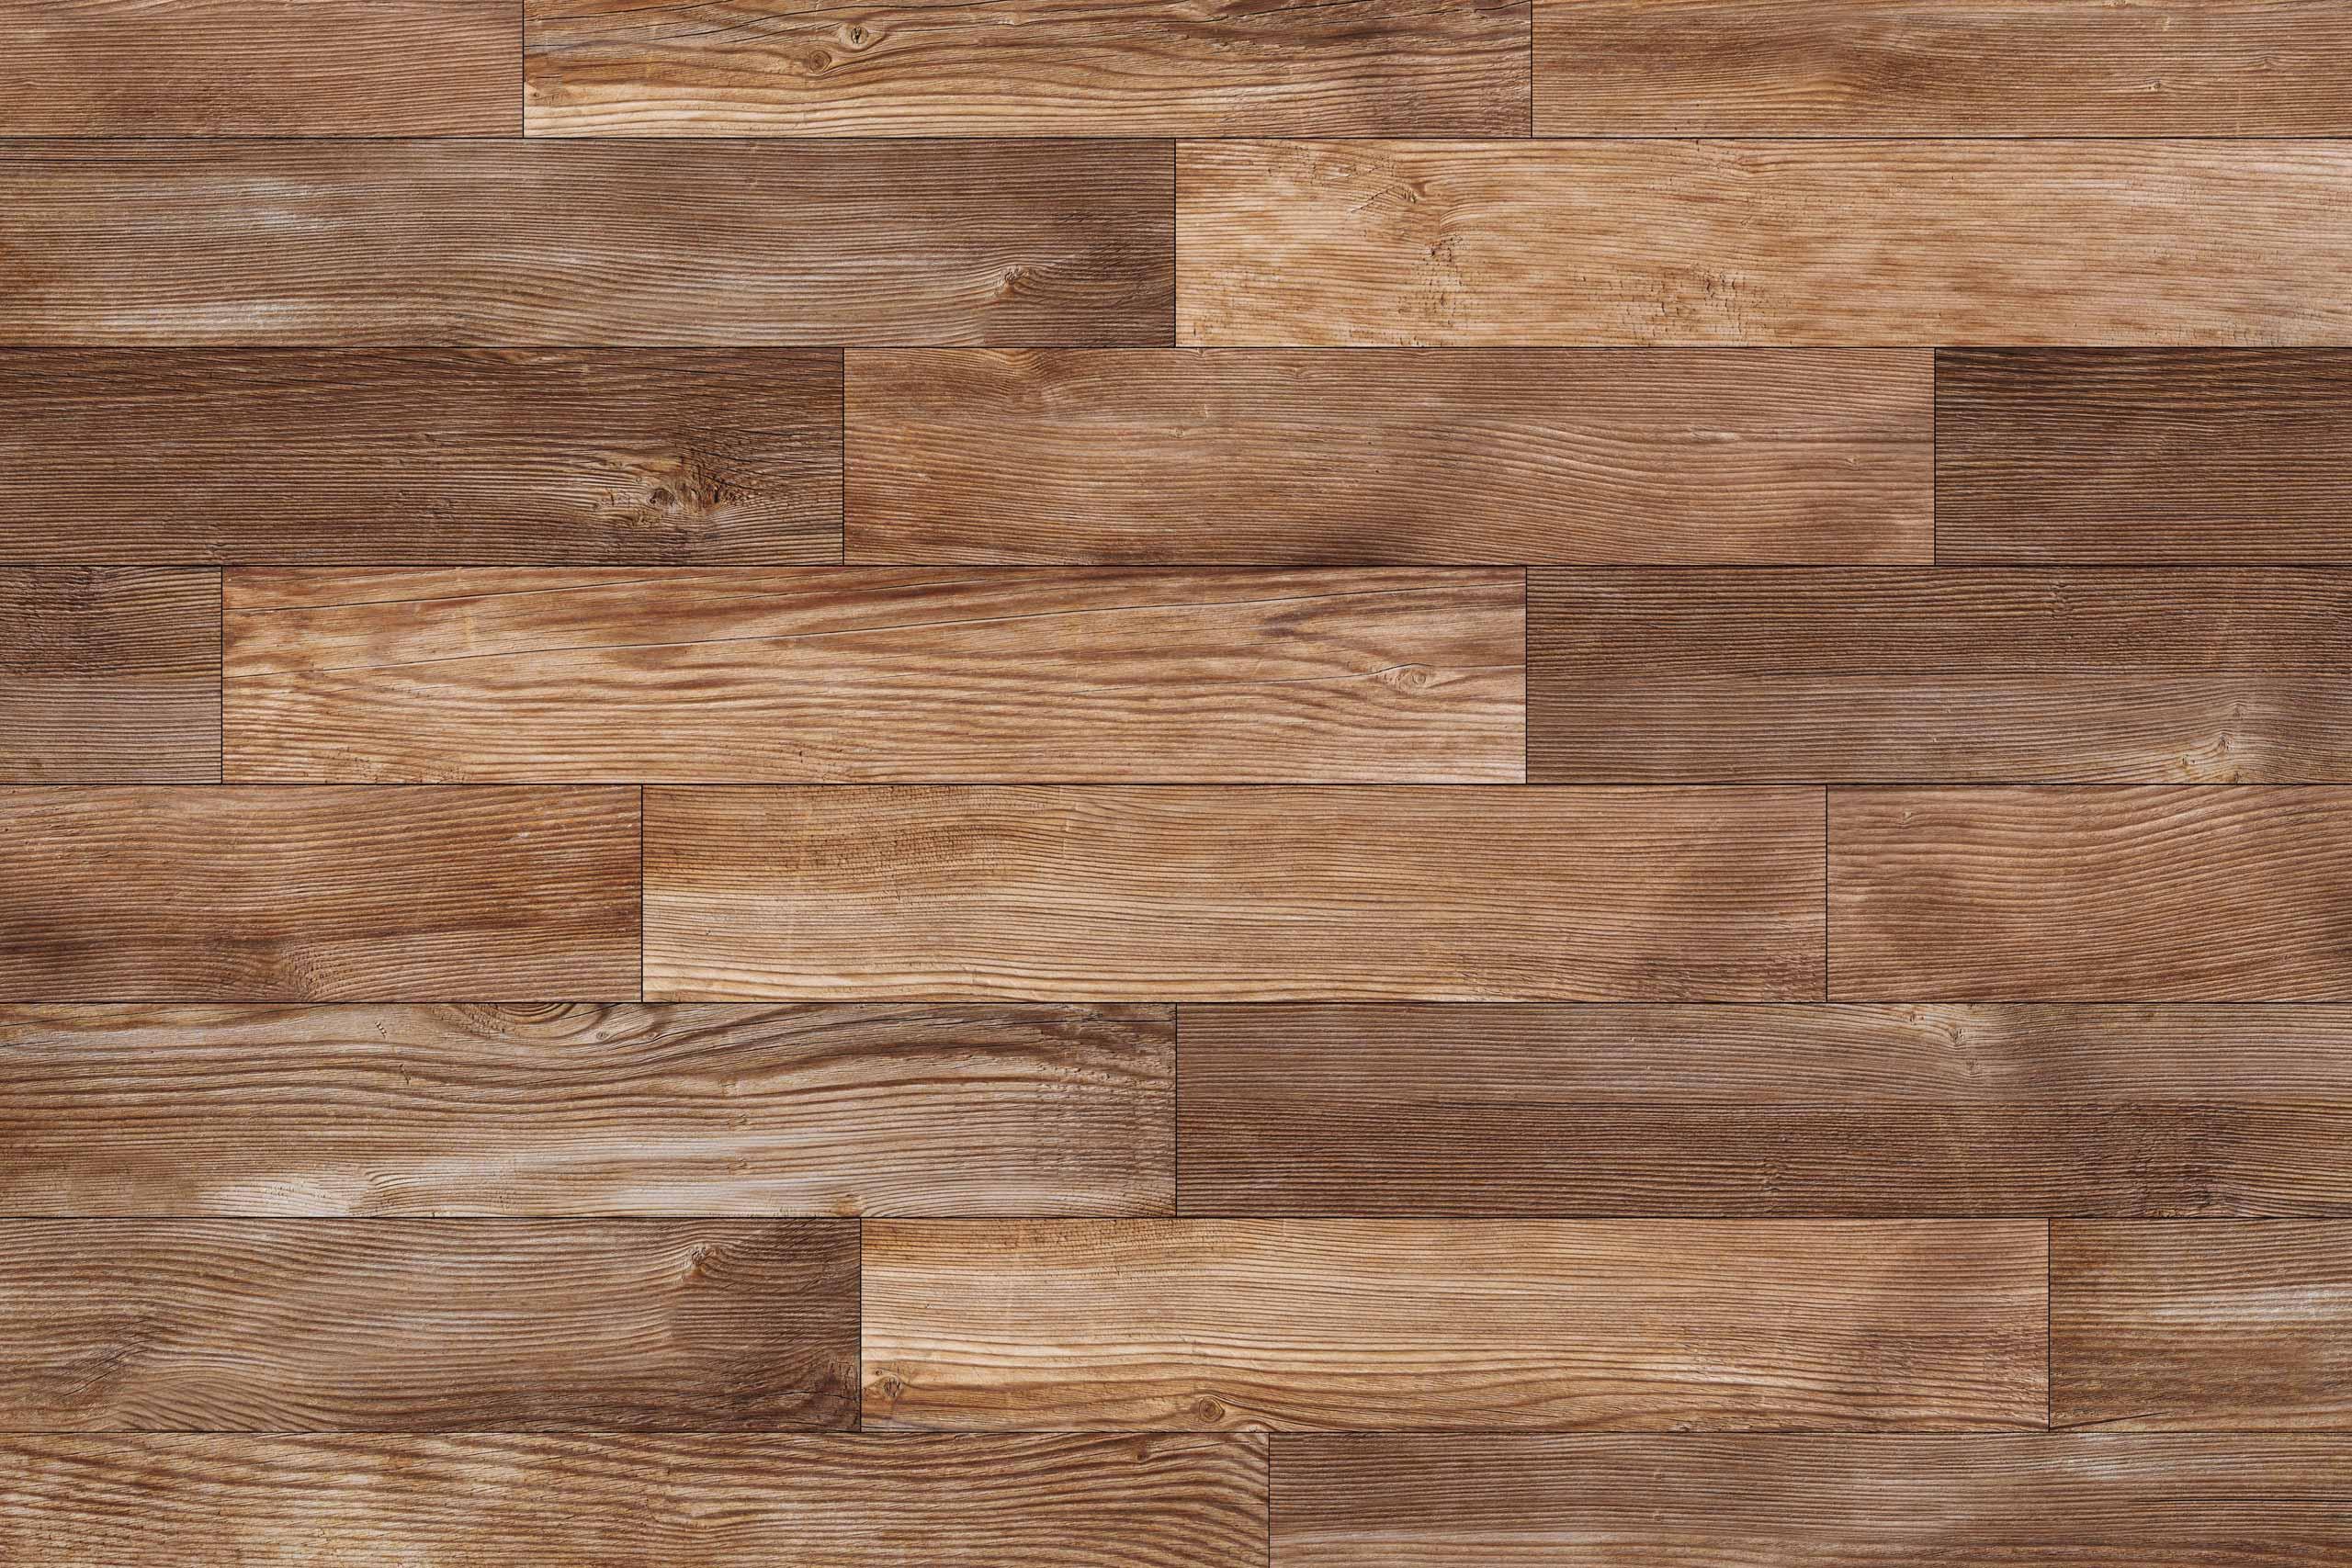 Фото деревянного паркета из коричневых прямоугольных планок.